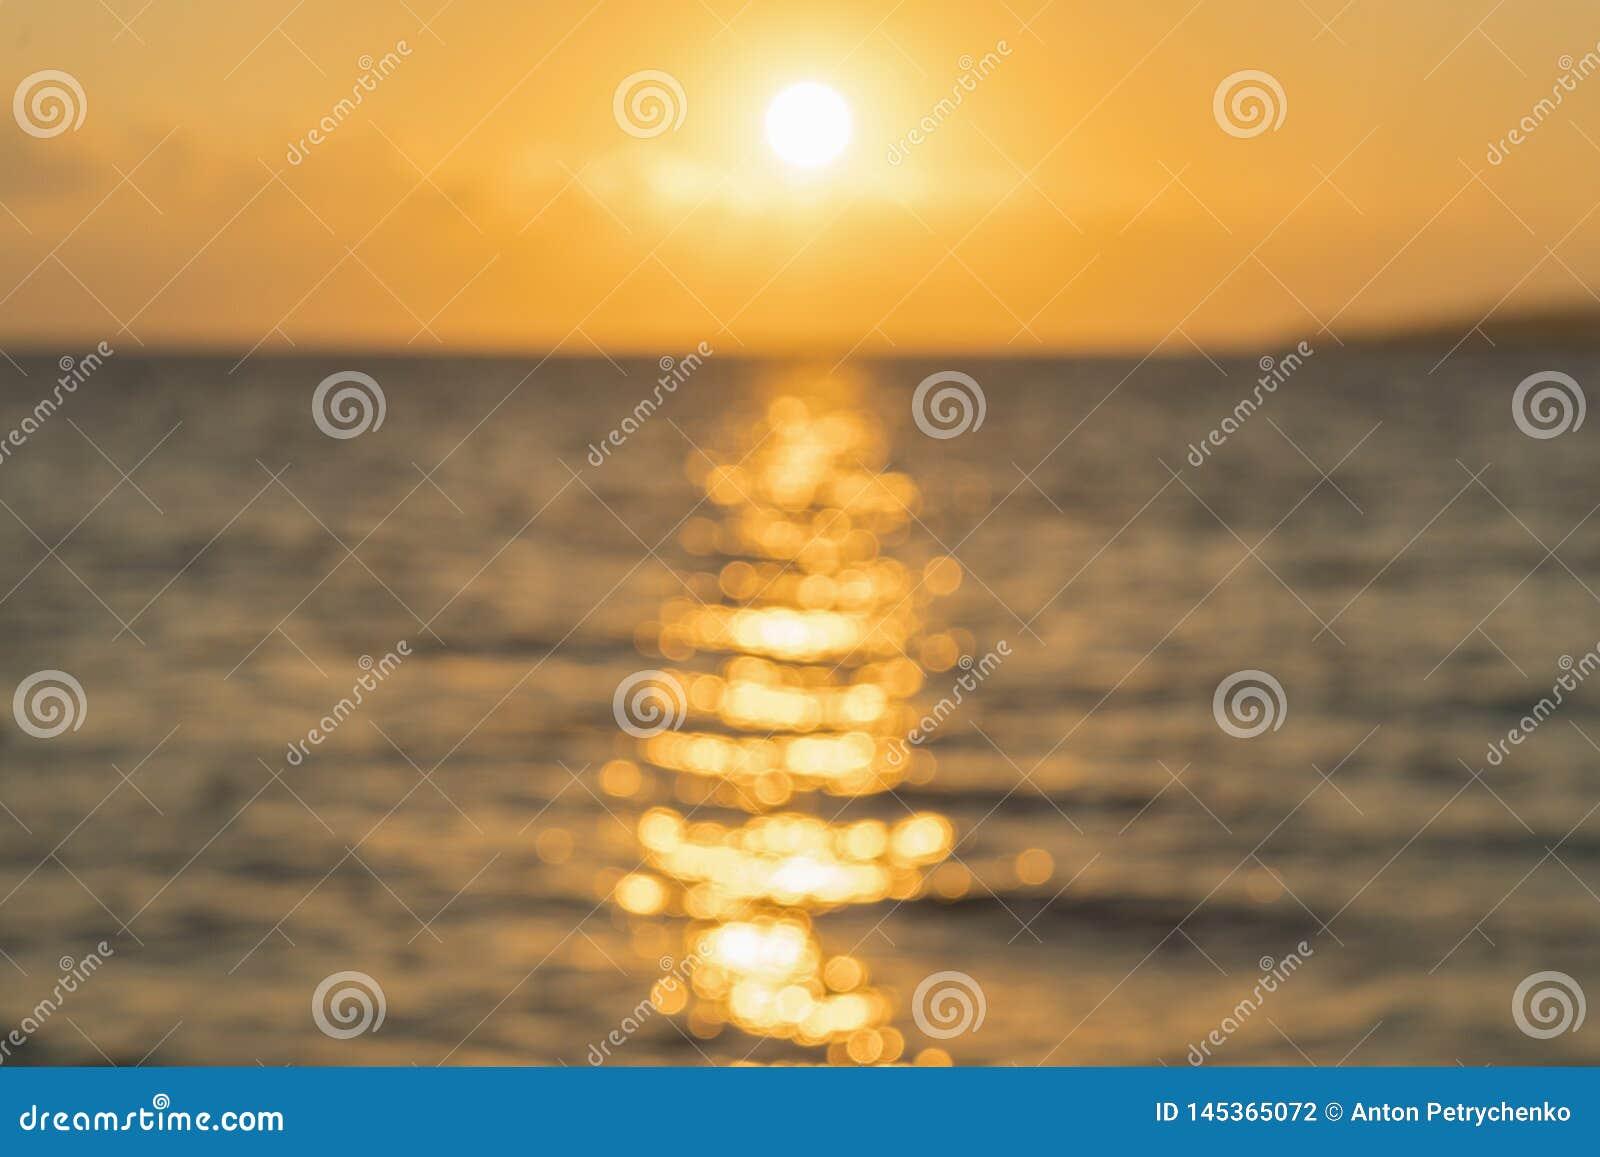 Amanecer colorido sobre el mar, puesta del sol Puesta del sol m?gica hermosa sobre el mar blurry